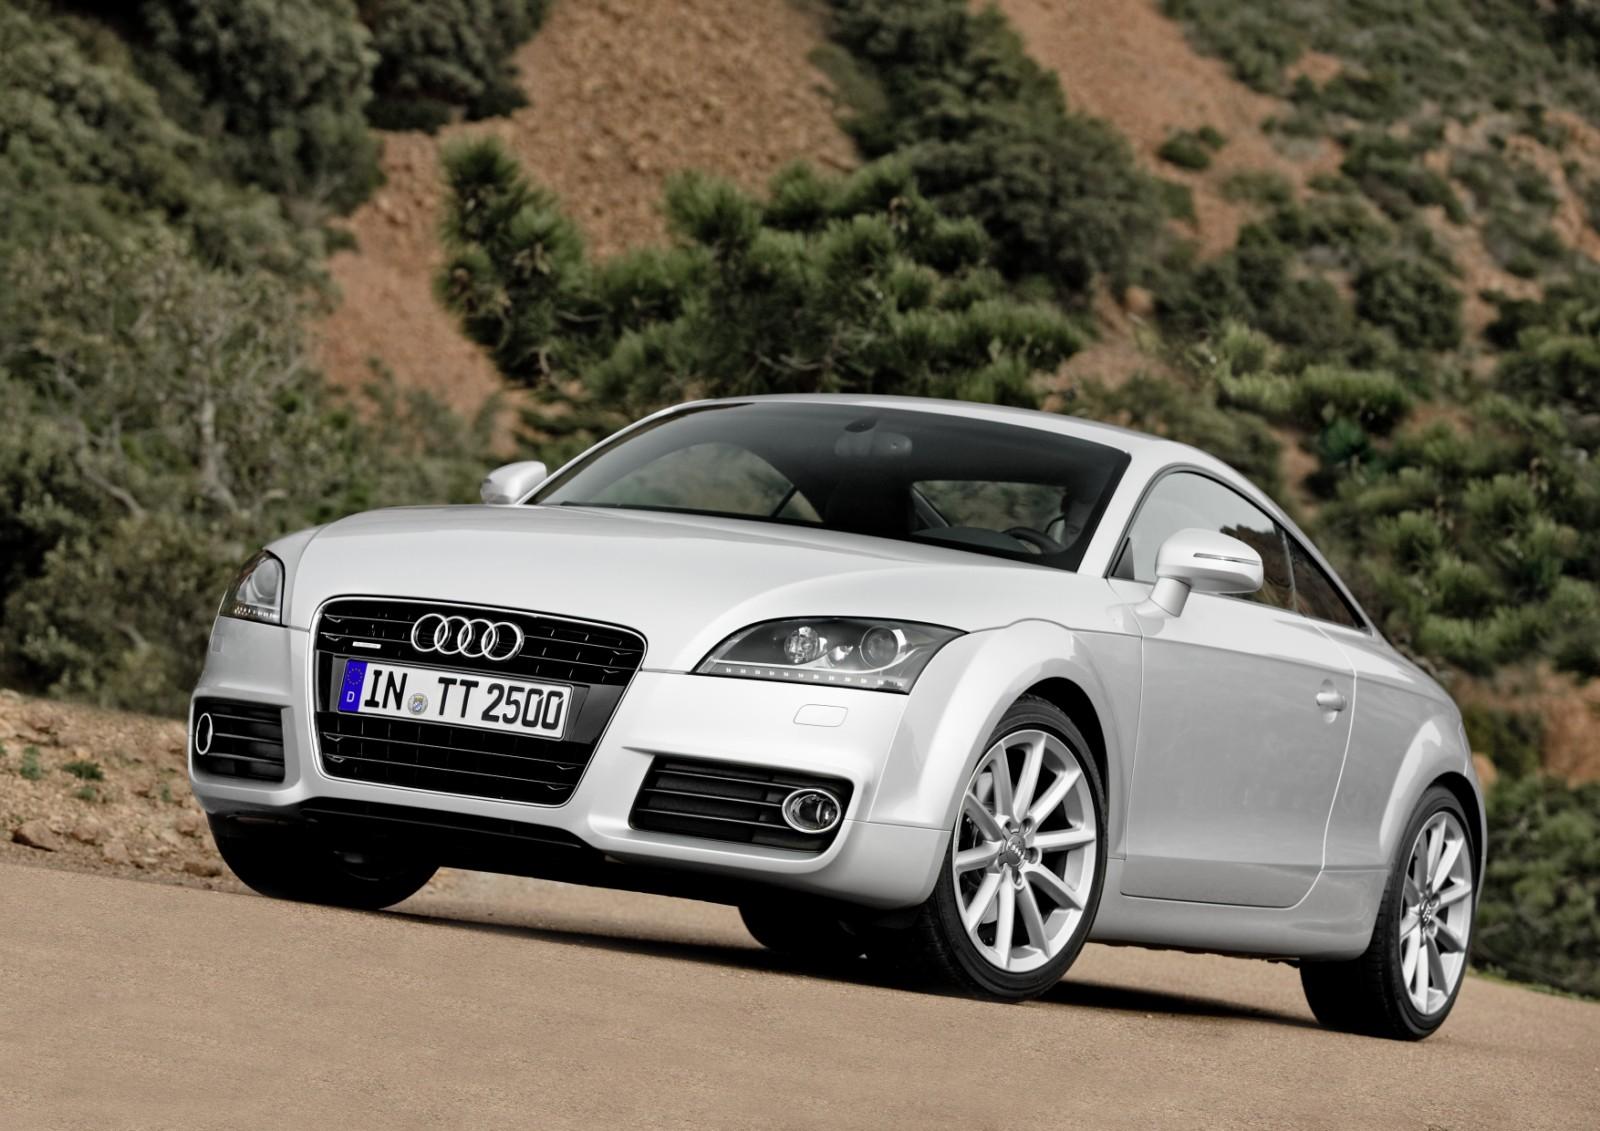 Kelebihan Audi Tt 2011 Top Model Tahun Ini